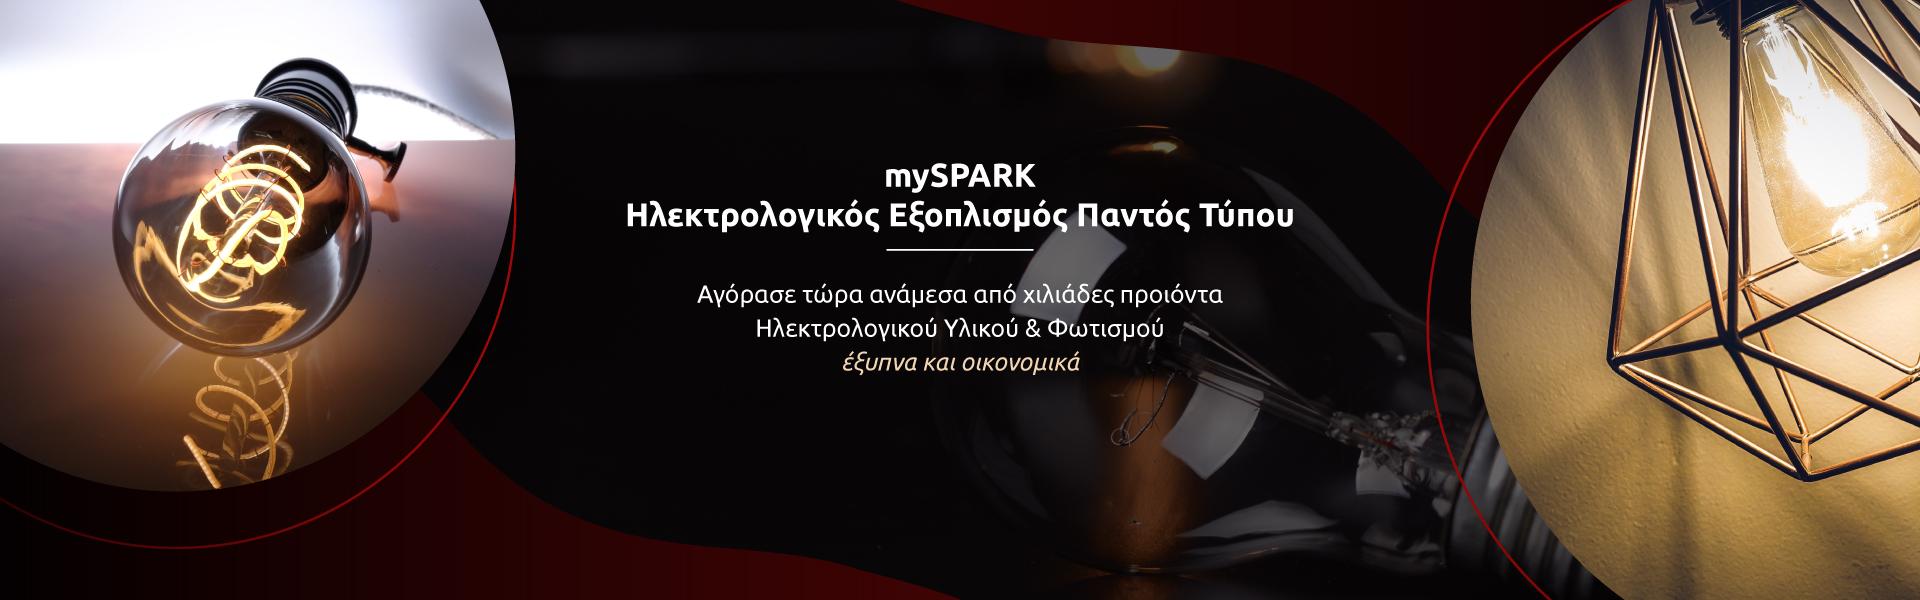 MySpark-general-slider.jpg